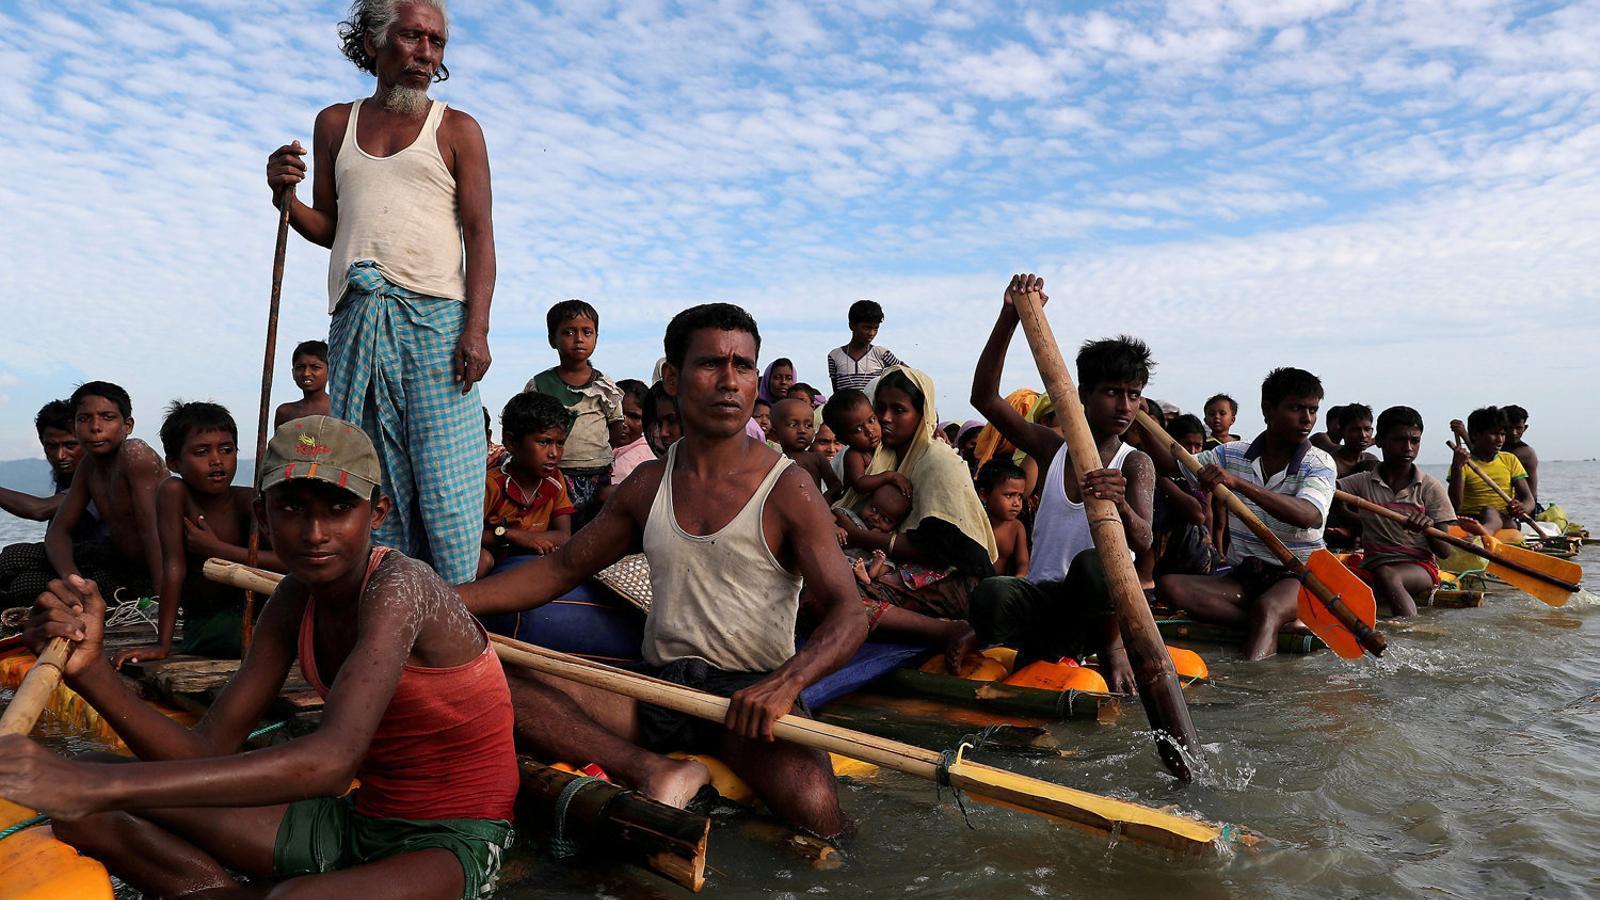 Birmània i Bangladesh pacten un pla per repatriar els rohingyes